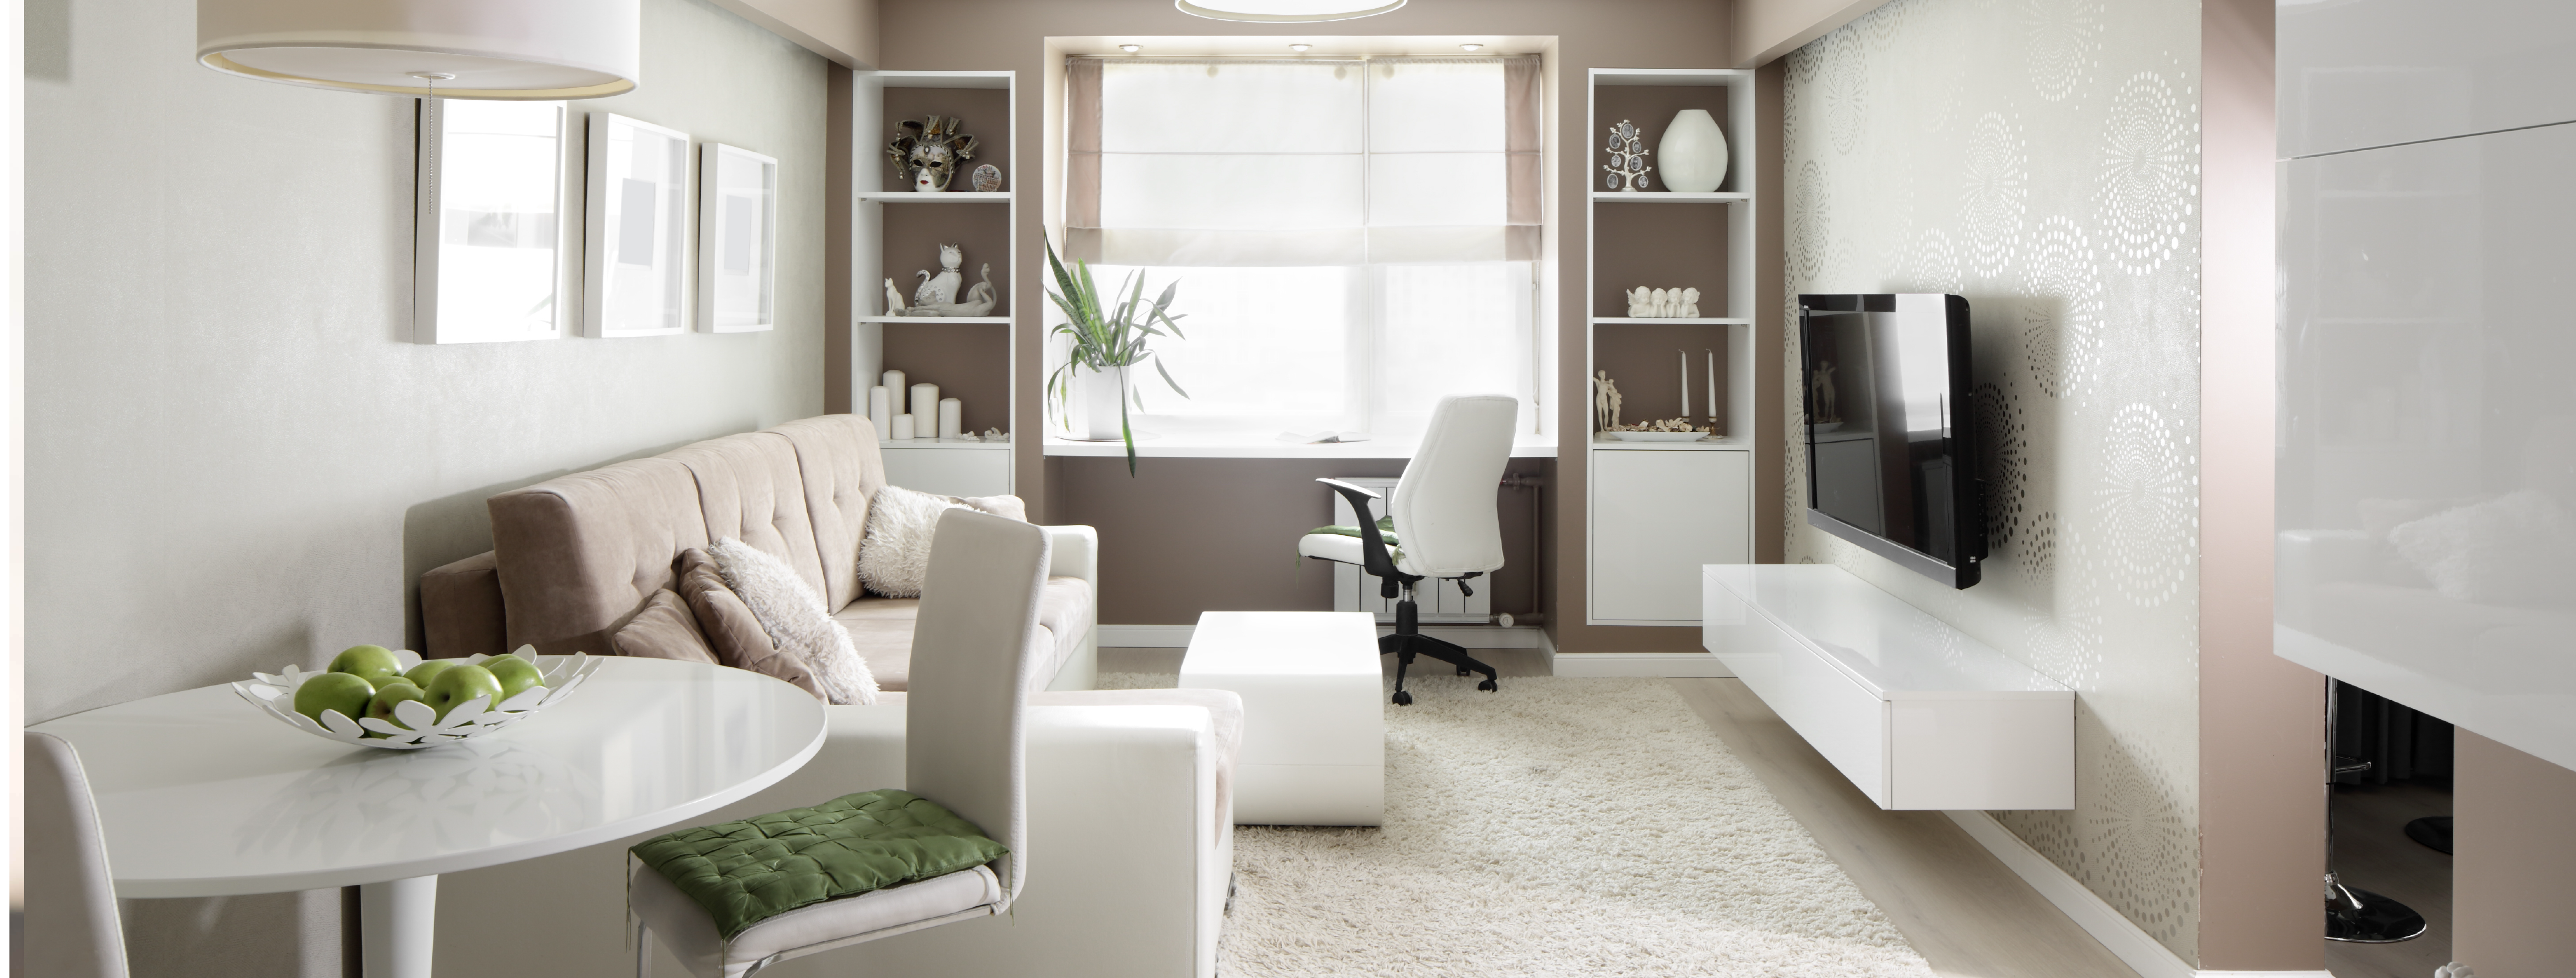 ventajas de invertir en departamentos de un dormitorio